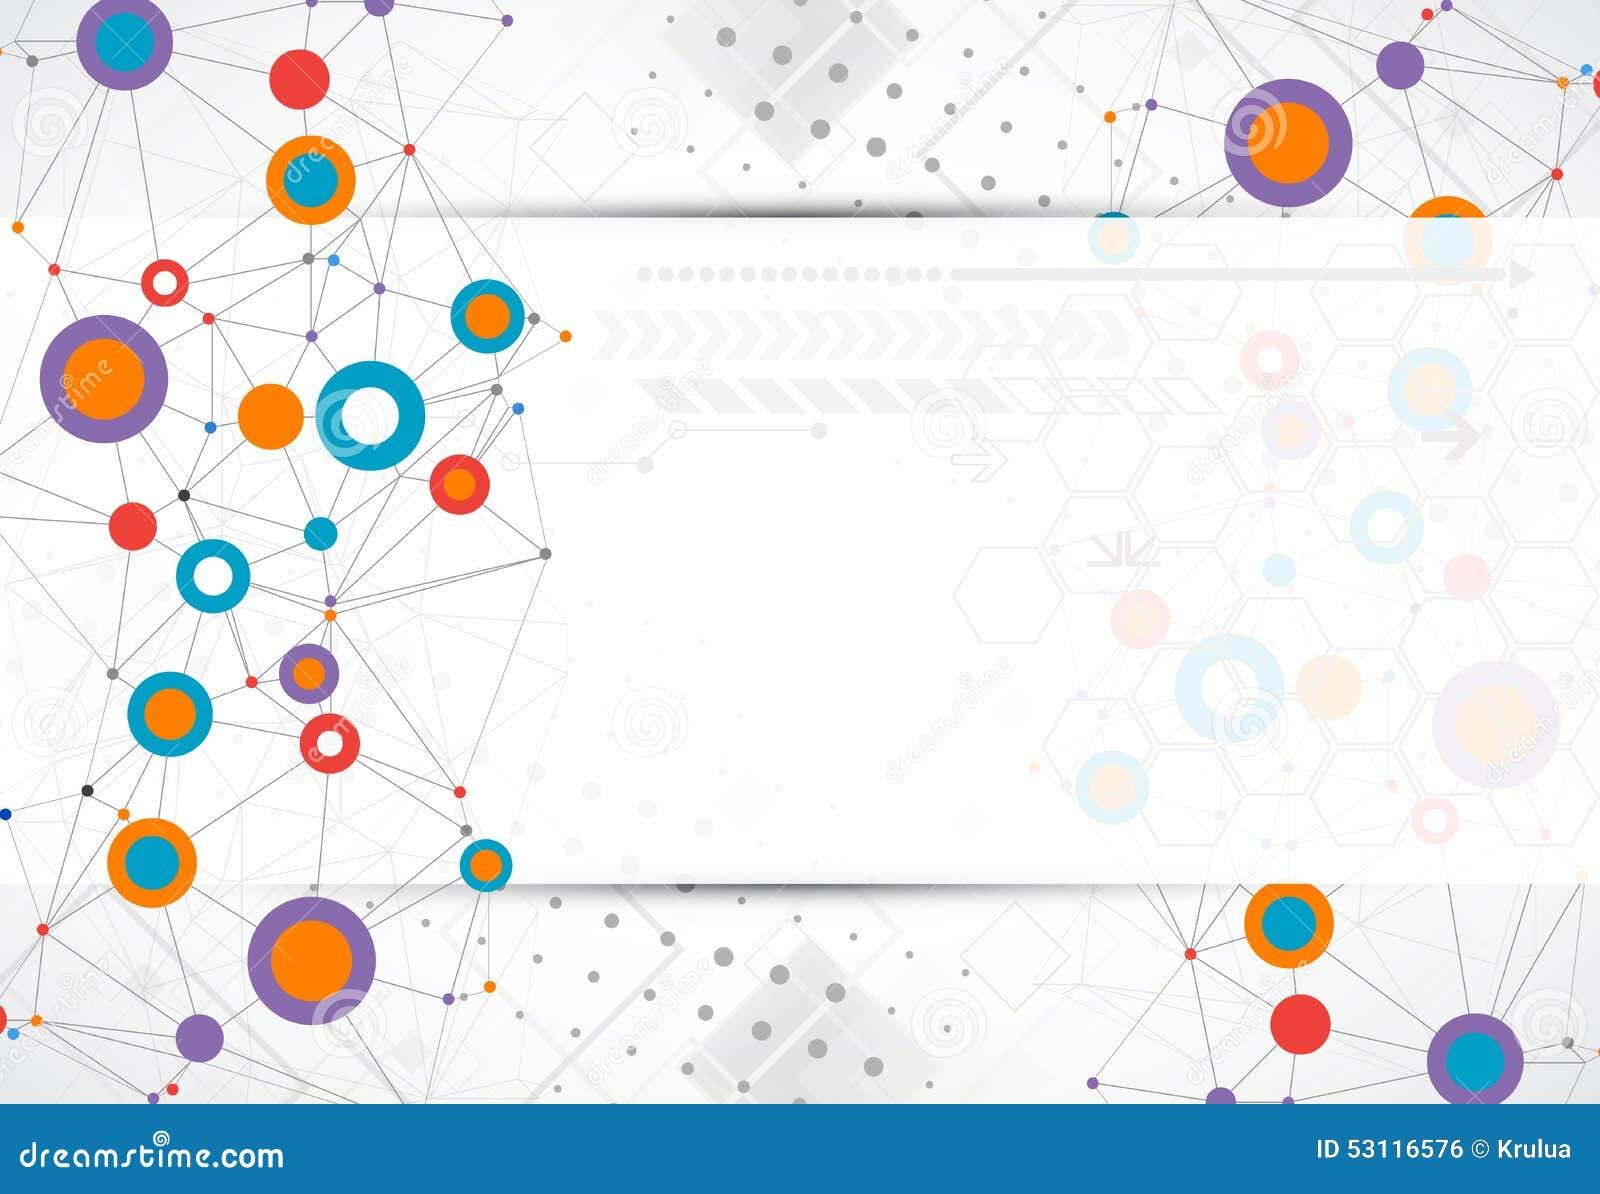 Netzfarbtechnologie-Kommunikationshintergrund